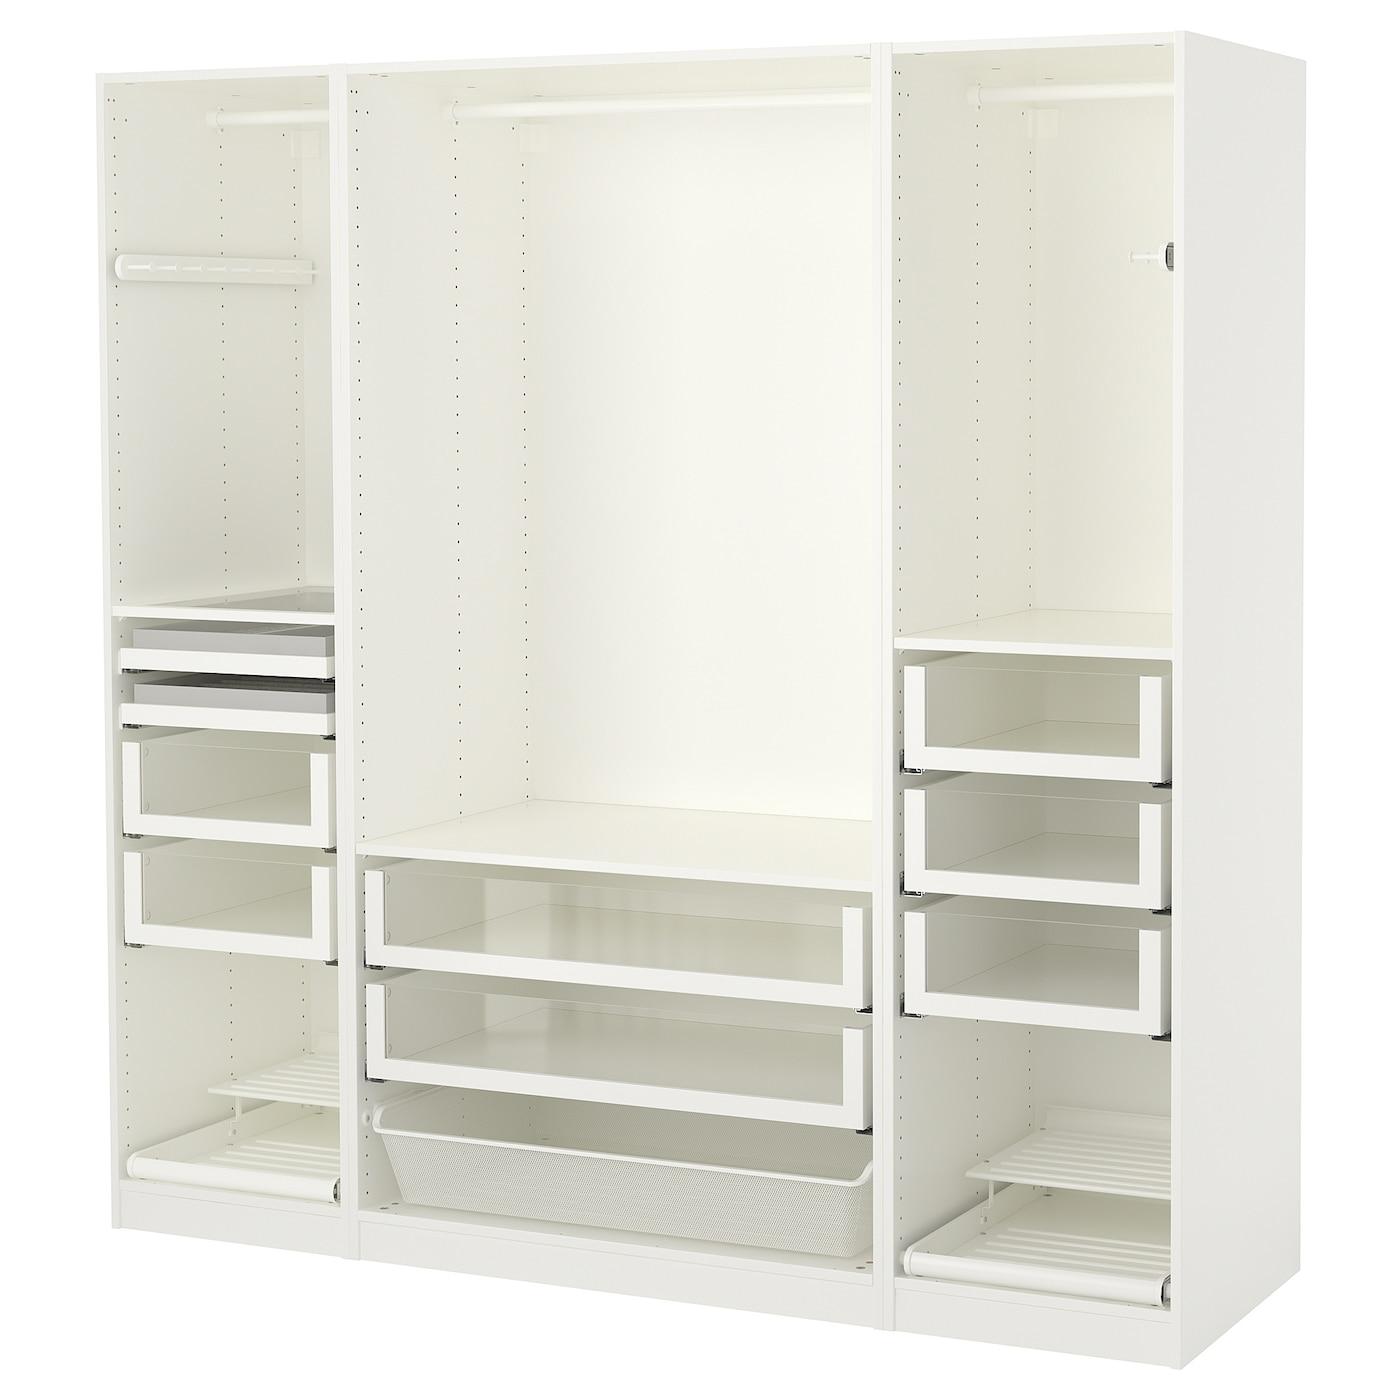 open kleerkasten ikea. Black Bedroom Furniture Sets. Home Design Ideas